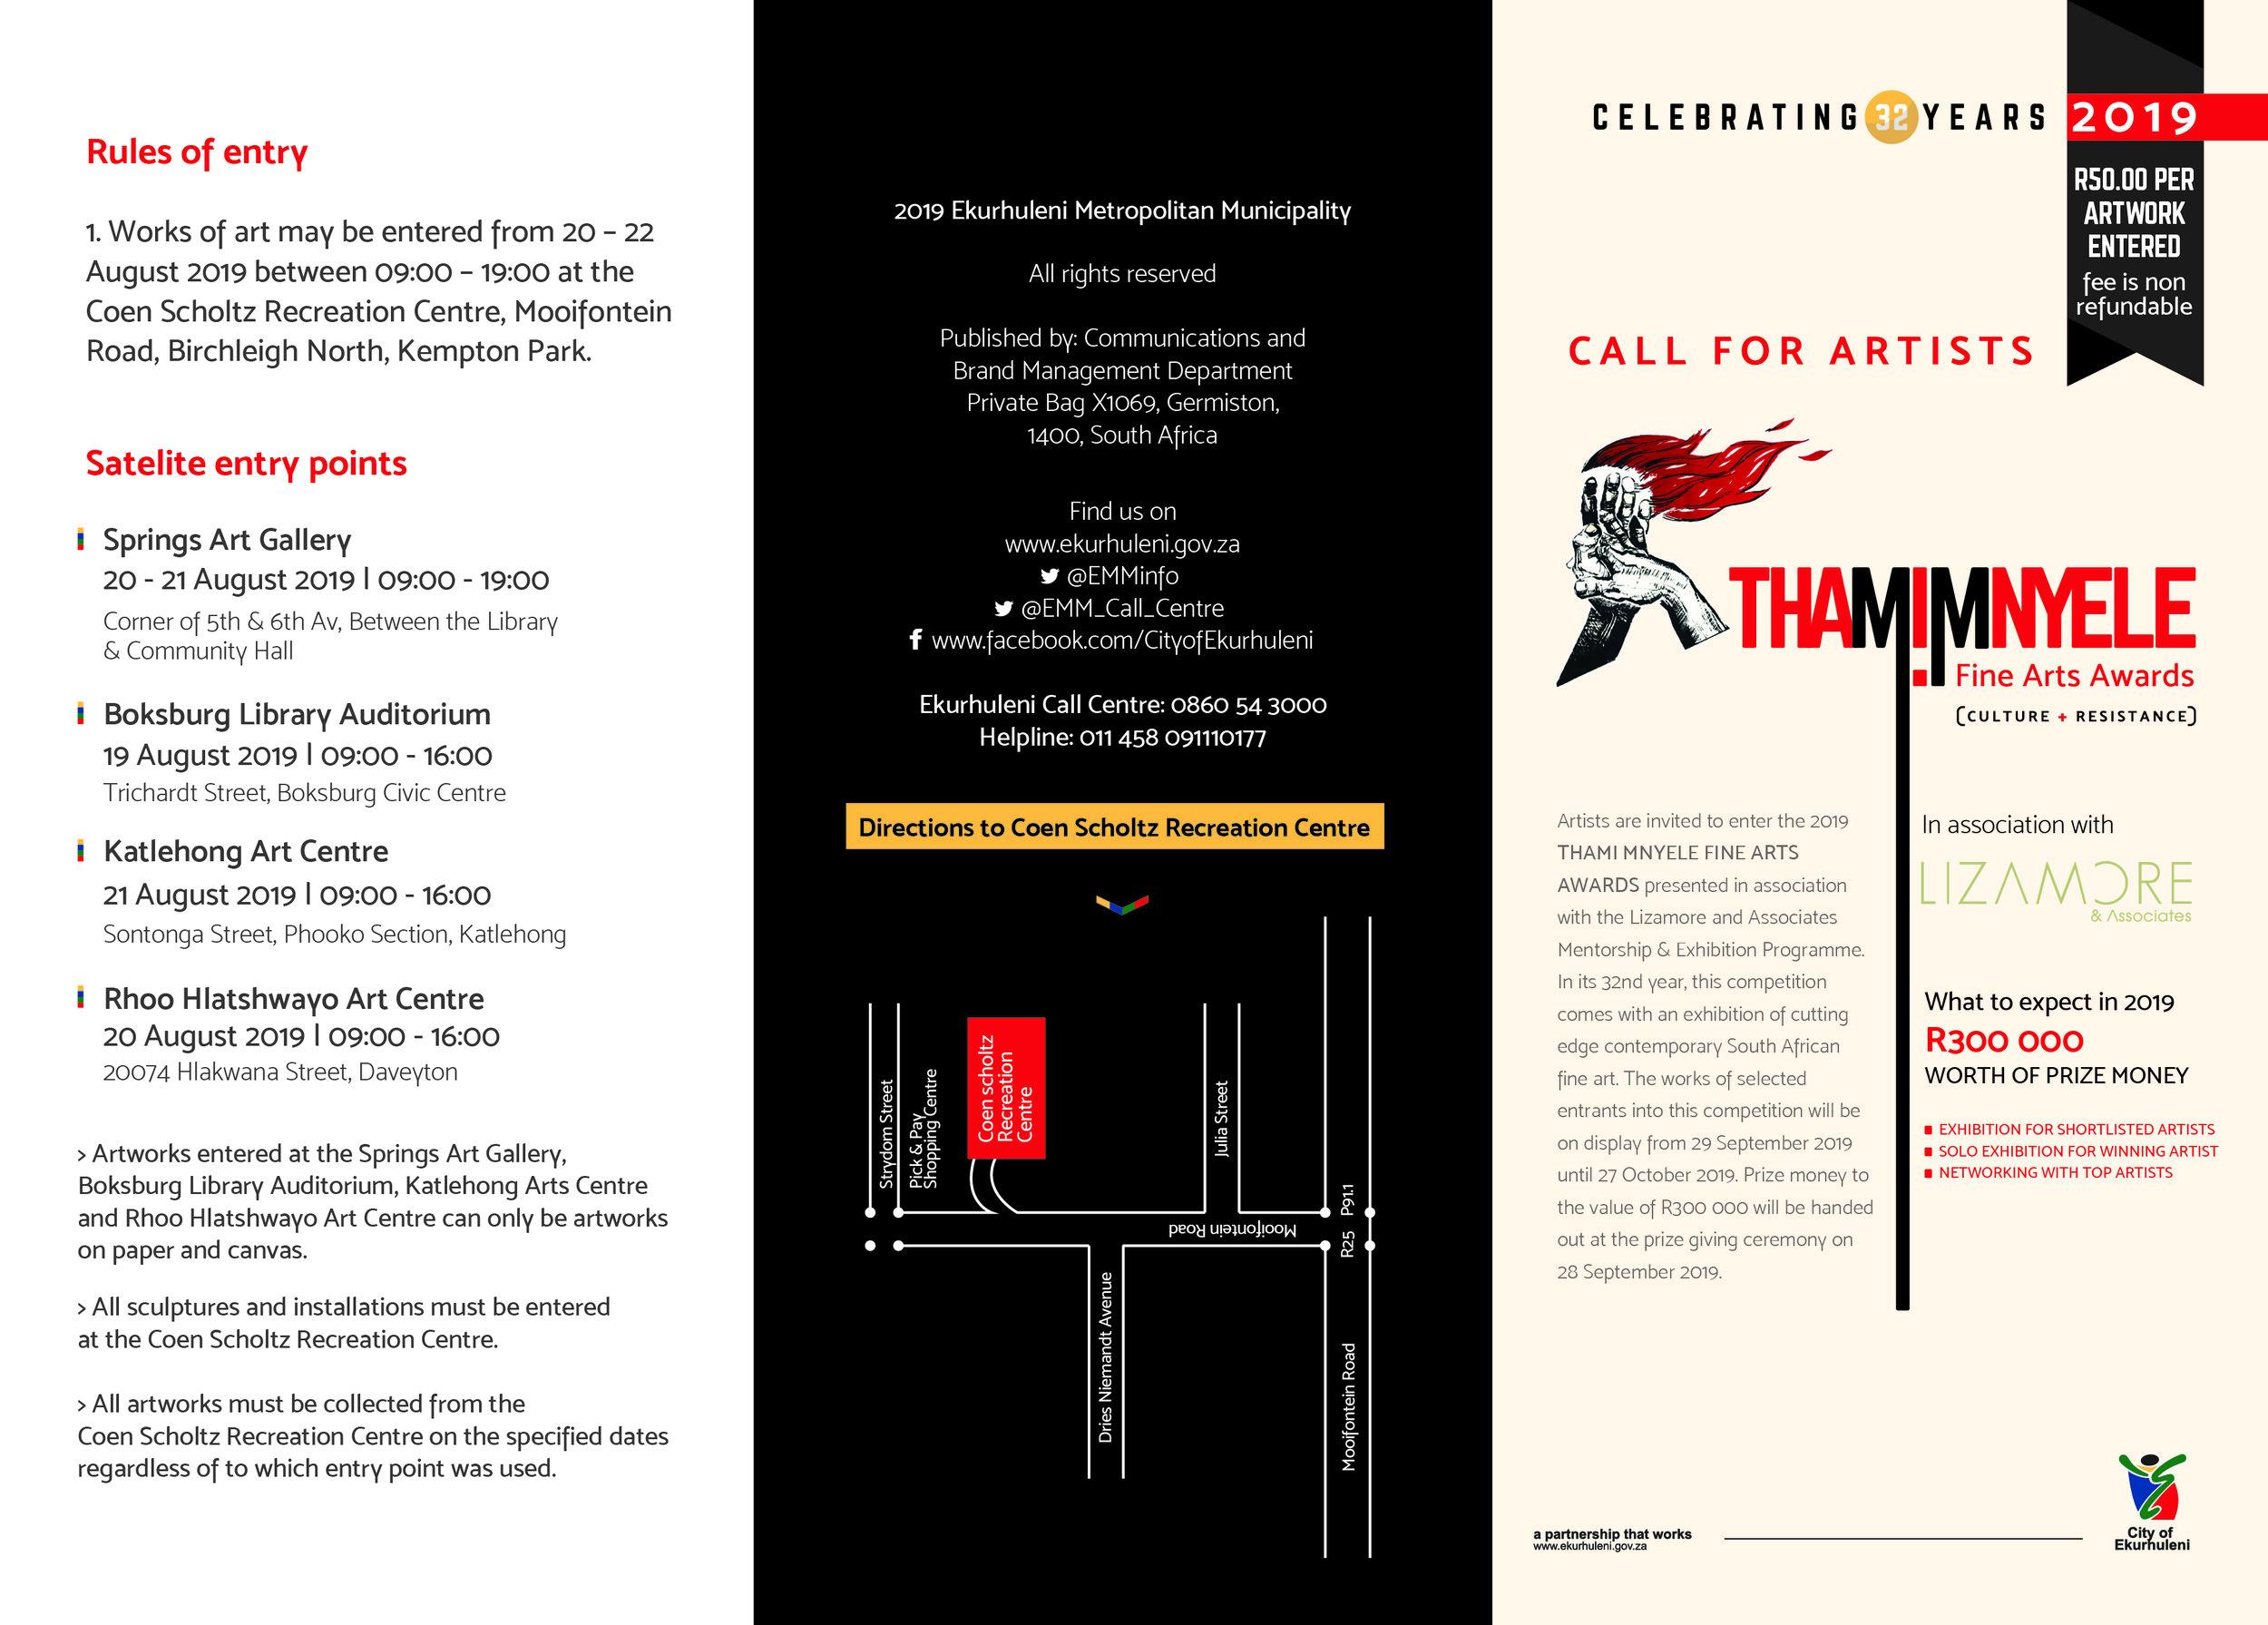 TMFAA Brochure 2019 final-01.jpg